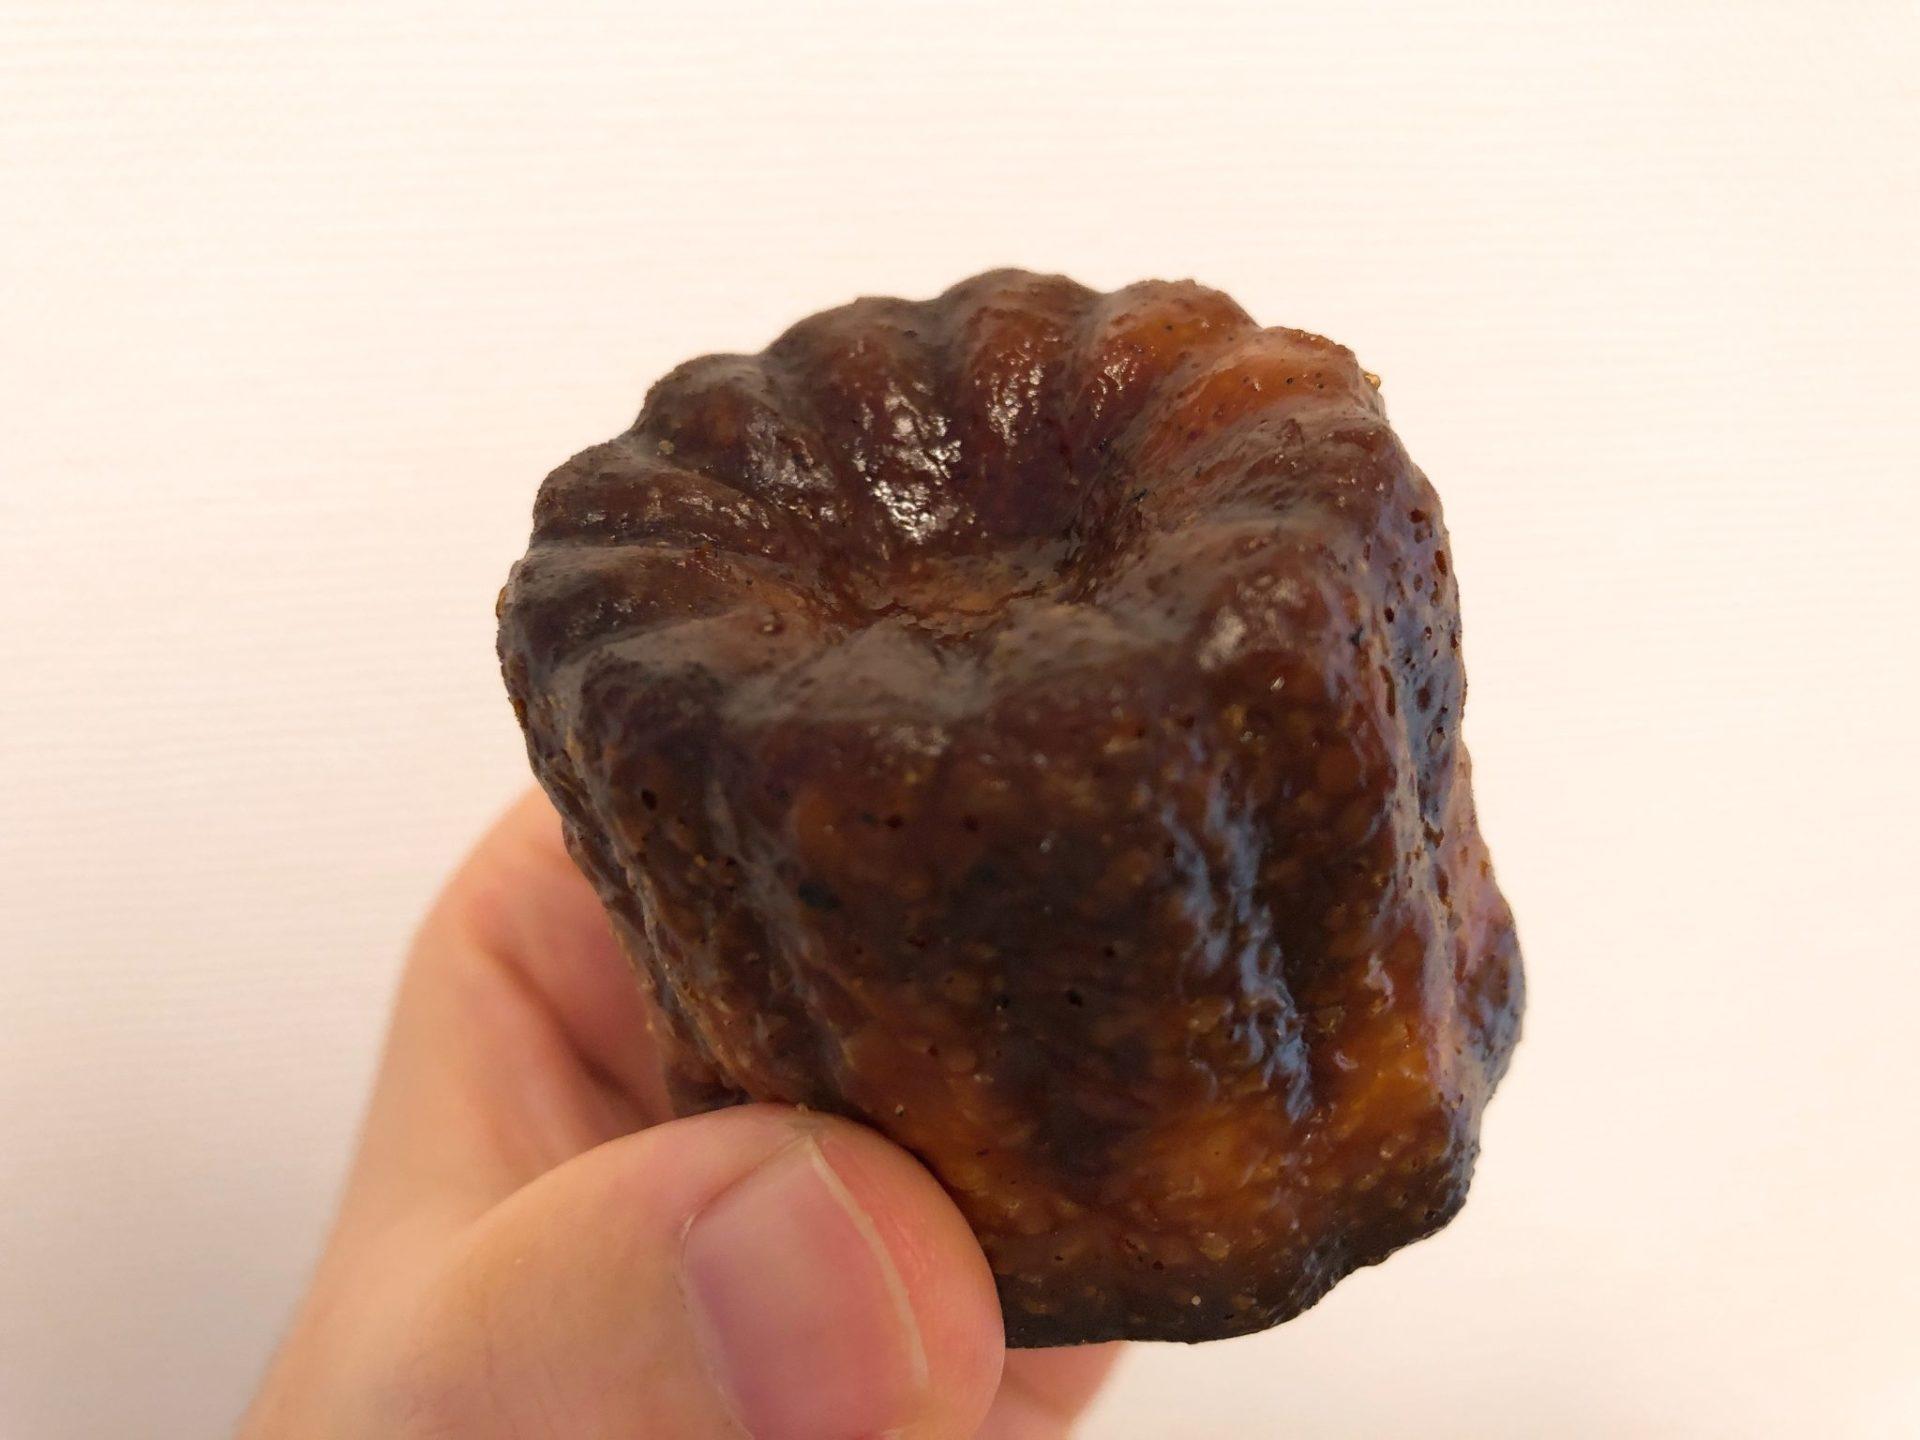 ジュウニブンベーカリー 三軒茶屋本店のパン(カヌレ)